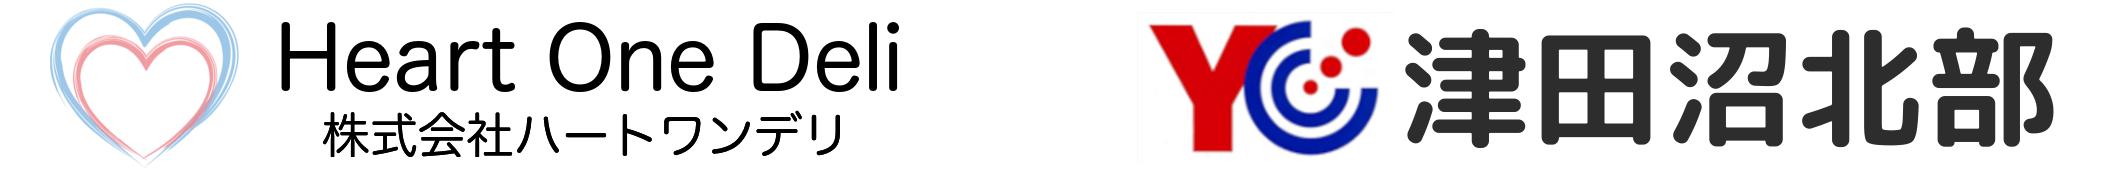 株式会社ハートワンデリ(読売新聞 津田沼北部|産直販売/野菜・フルーツ 他)